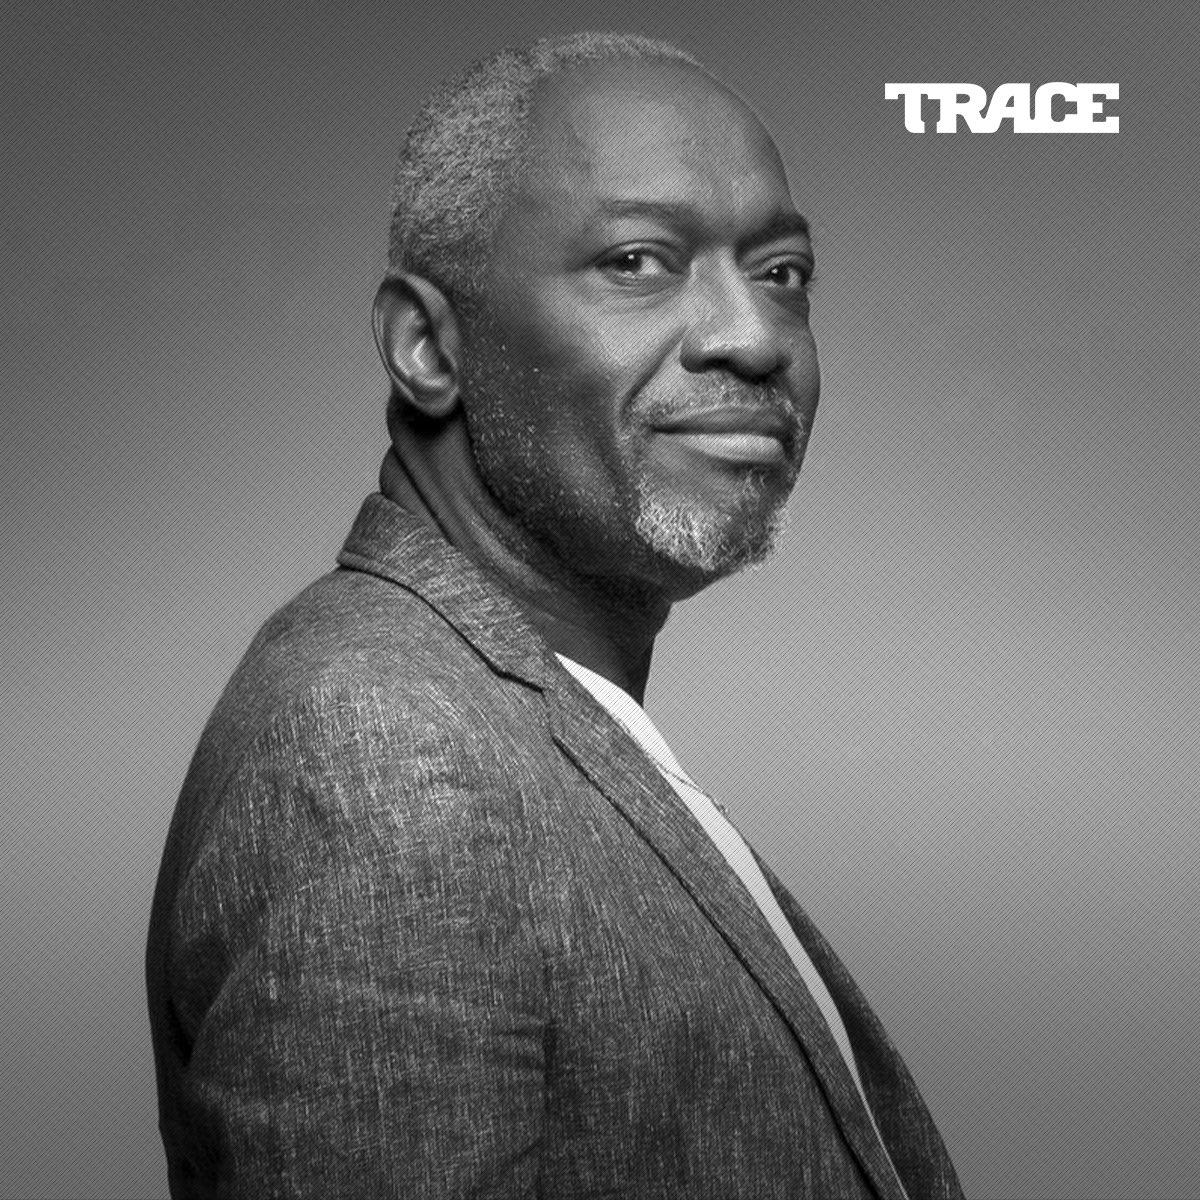 TRACE : Programmation spéciale « Hommage à Jacob Desvarieux », ce week-end sur les chaînes de TRACE